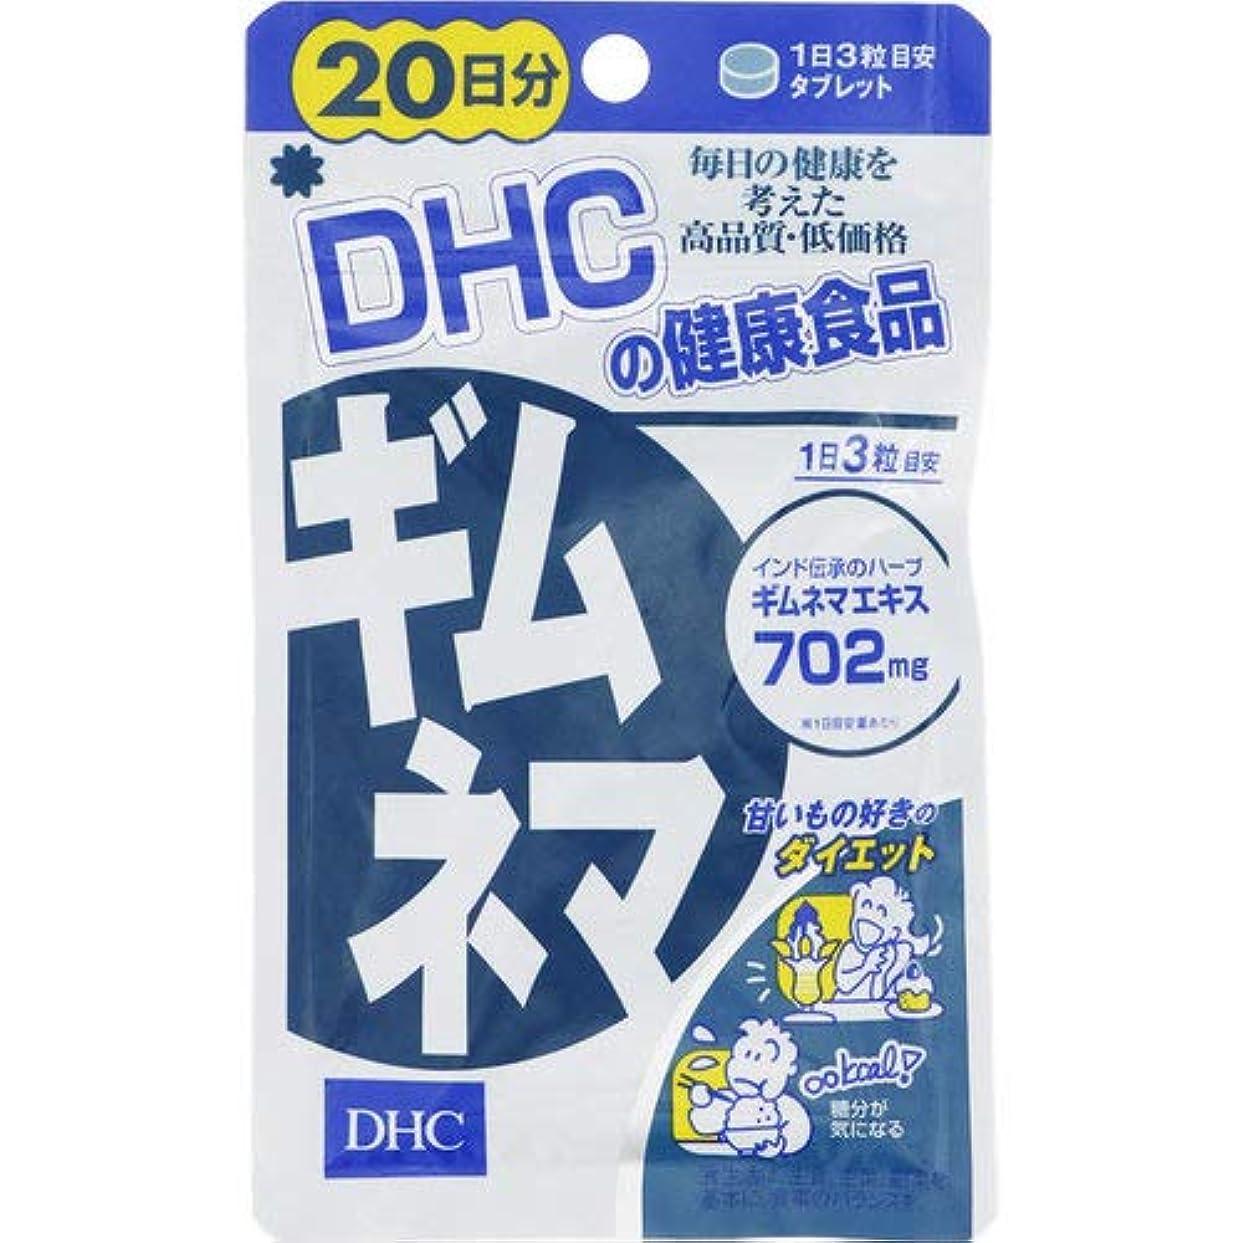 オフ死ぬ気がついて【DHC】ギムネマ 20日分 (60粒)